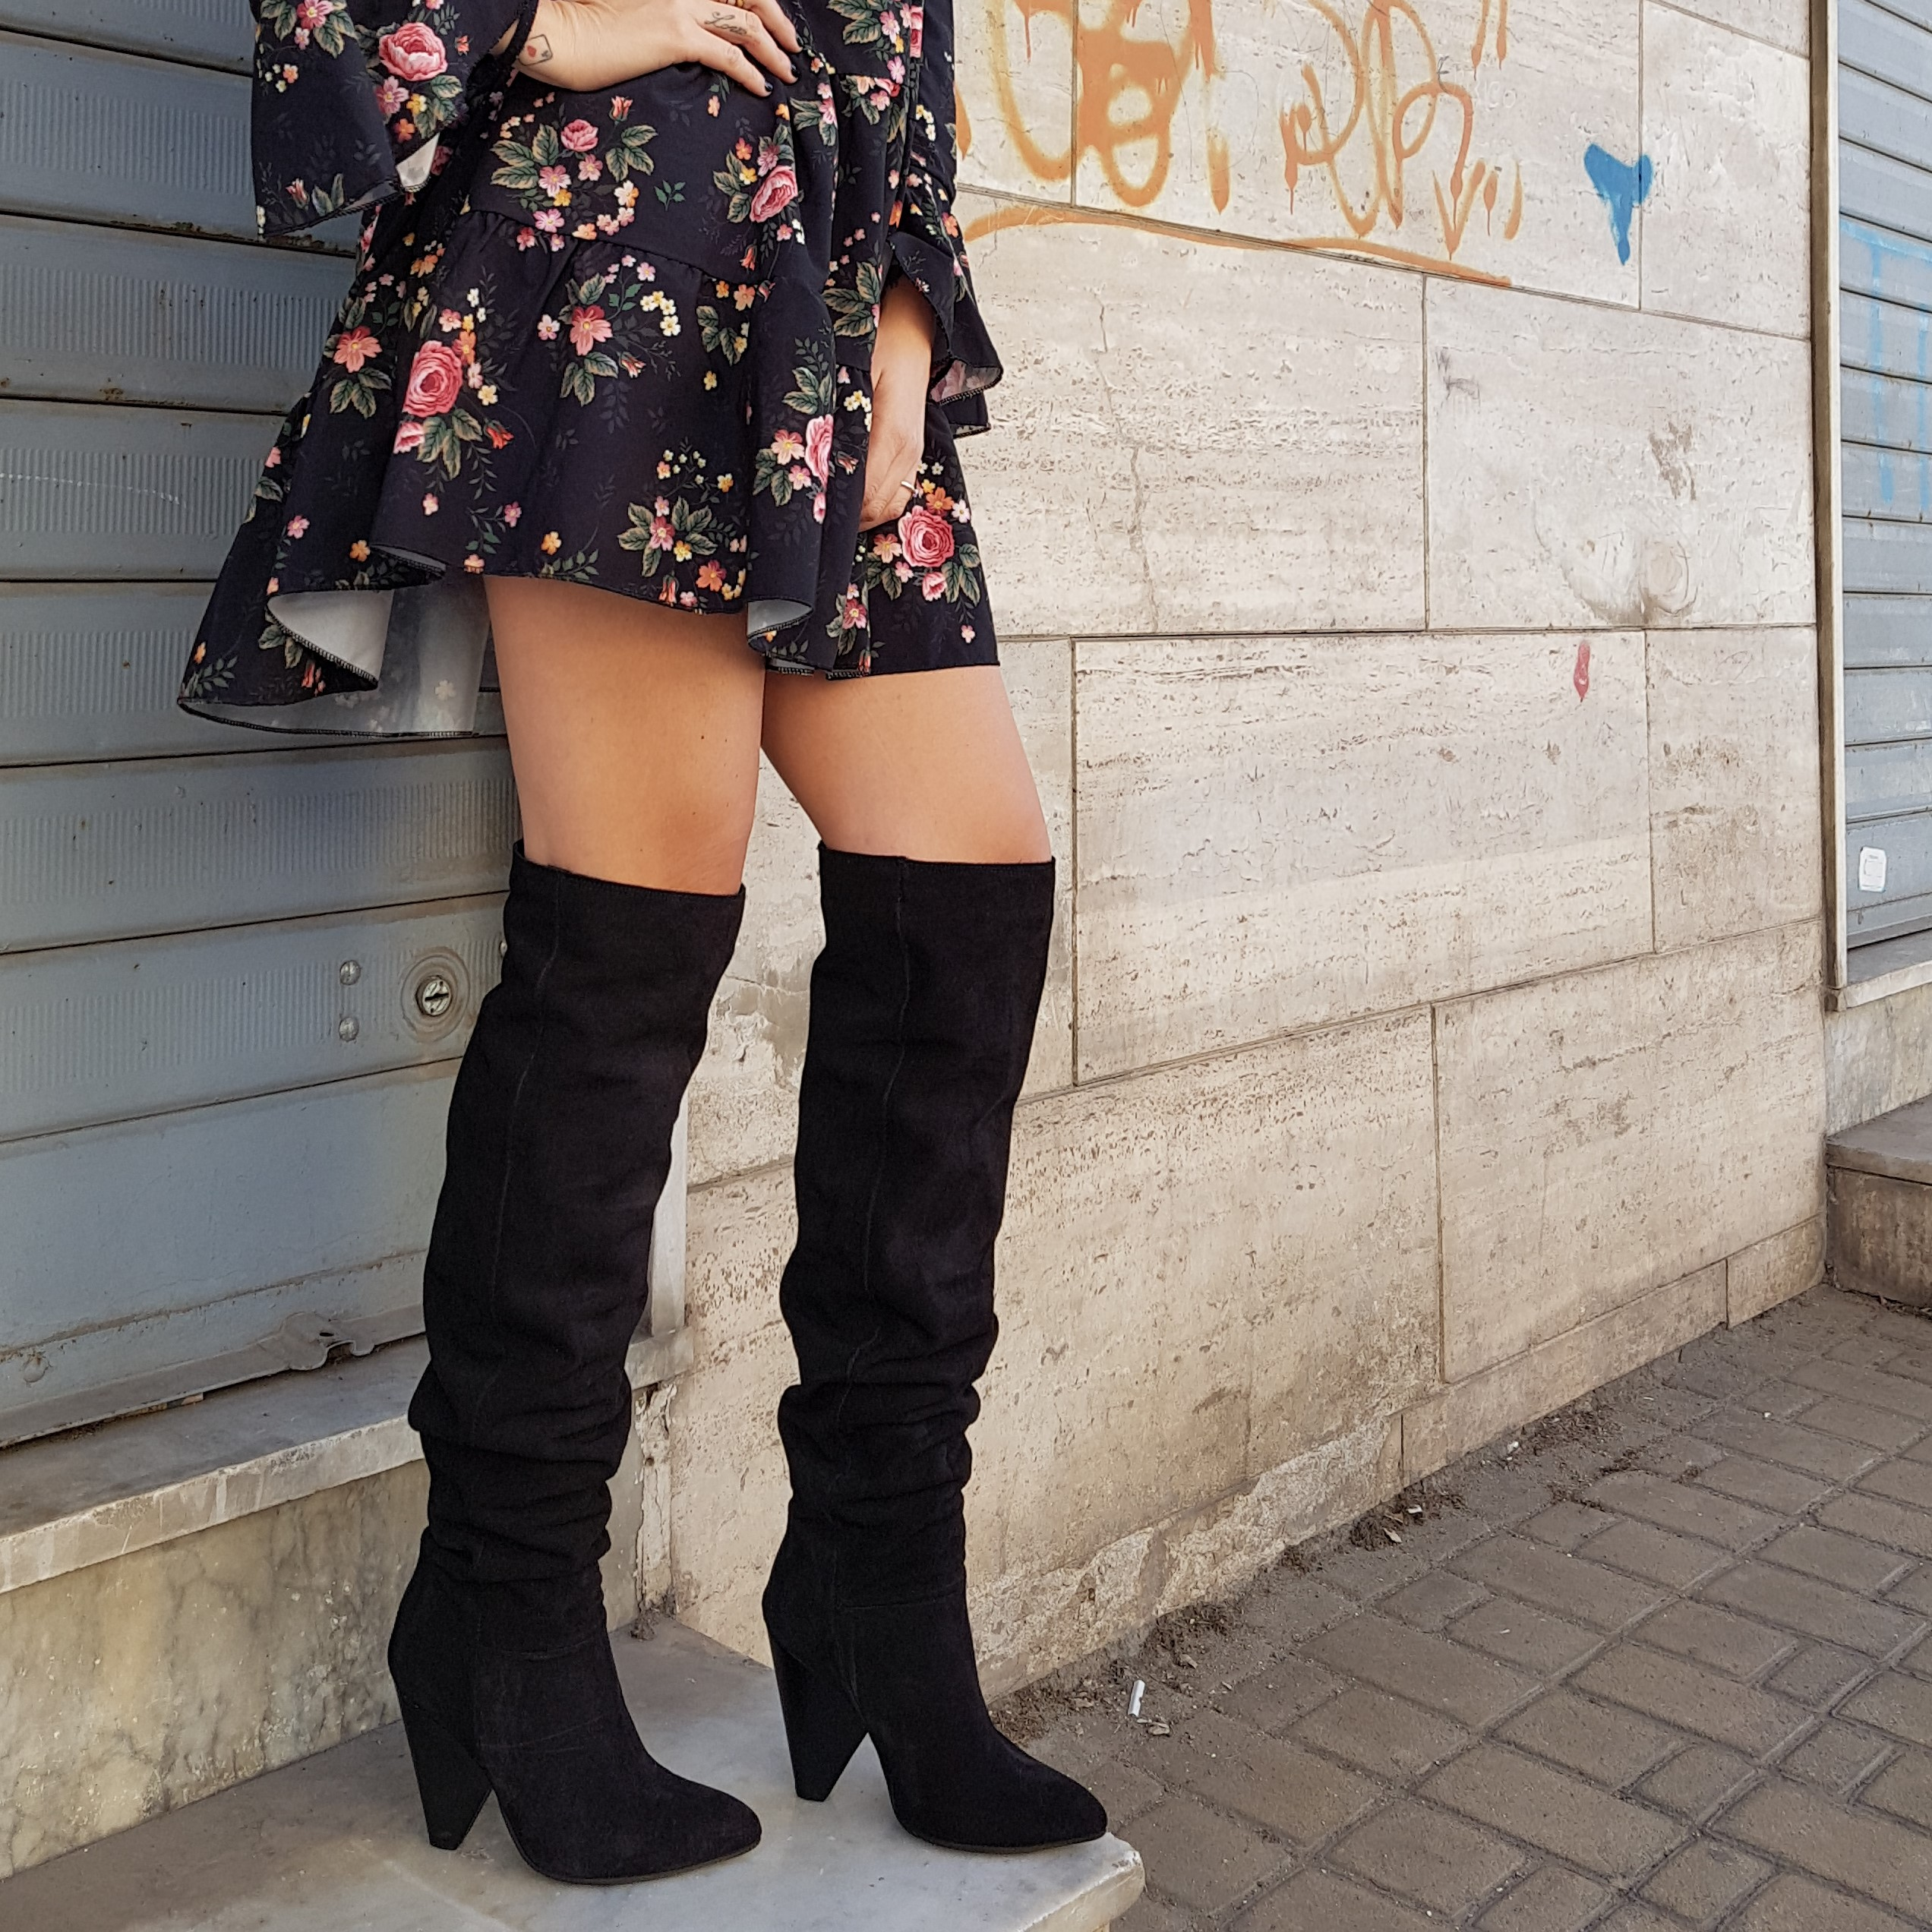 Stivali sopra al ginocchio camoscio nero celine - Lia diva scarpe ...